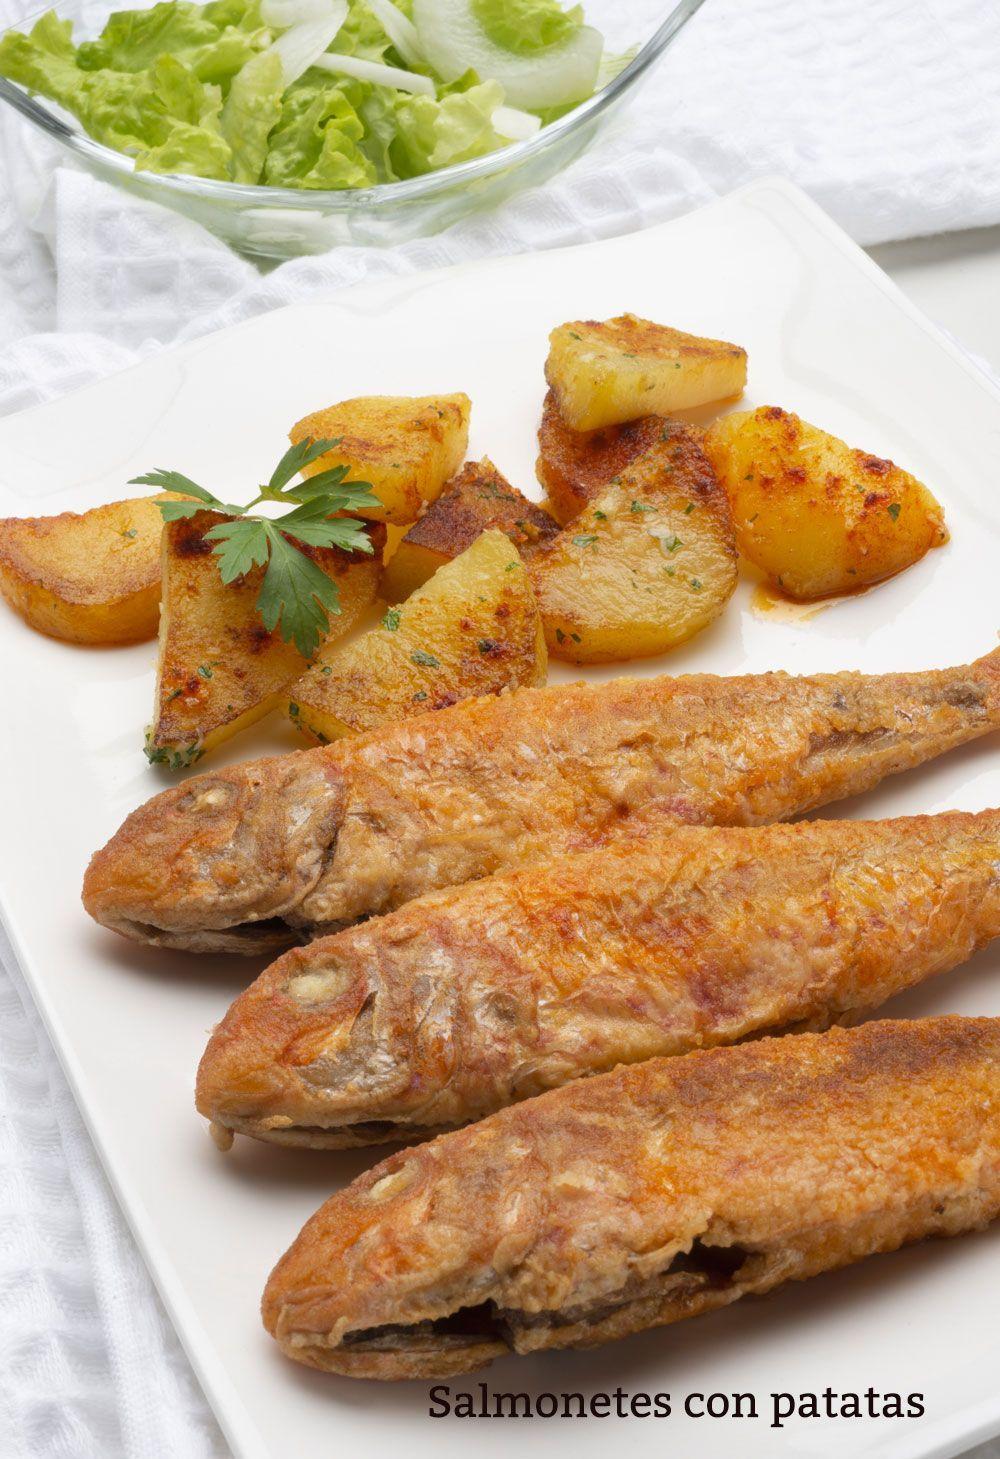 26 Ideas De Salmonetes Pescado Recetas Pescados Y Mariscos